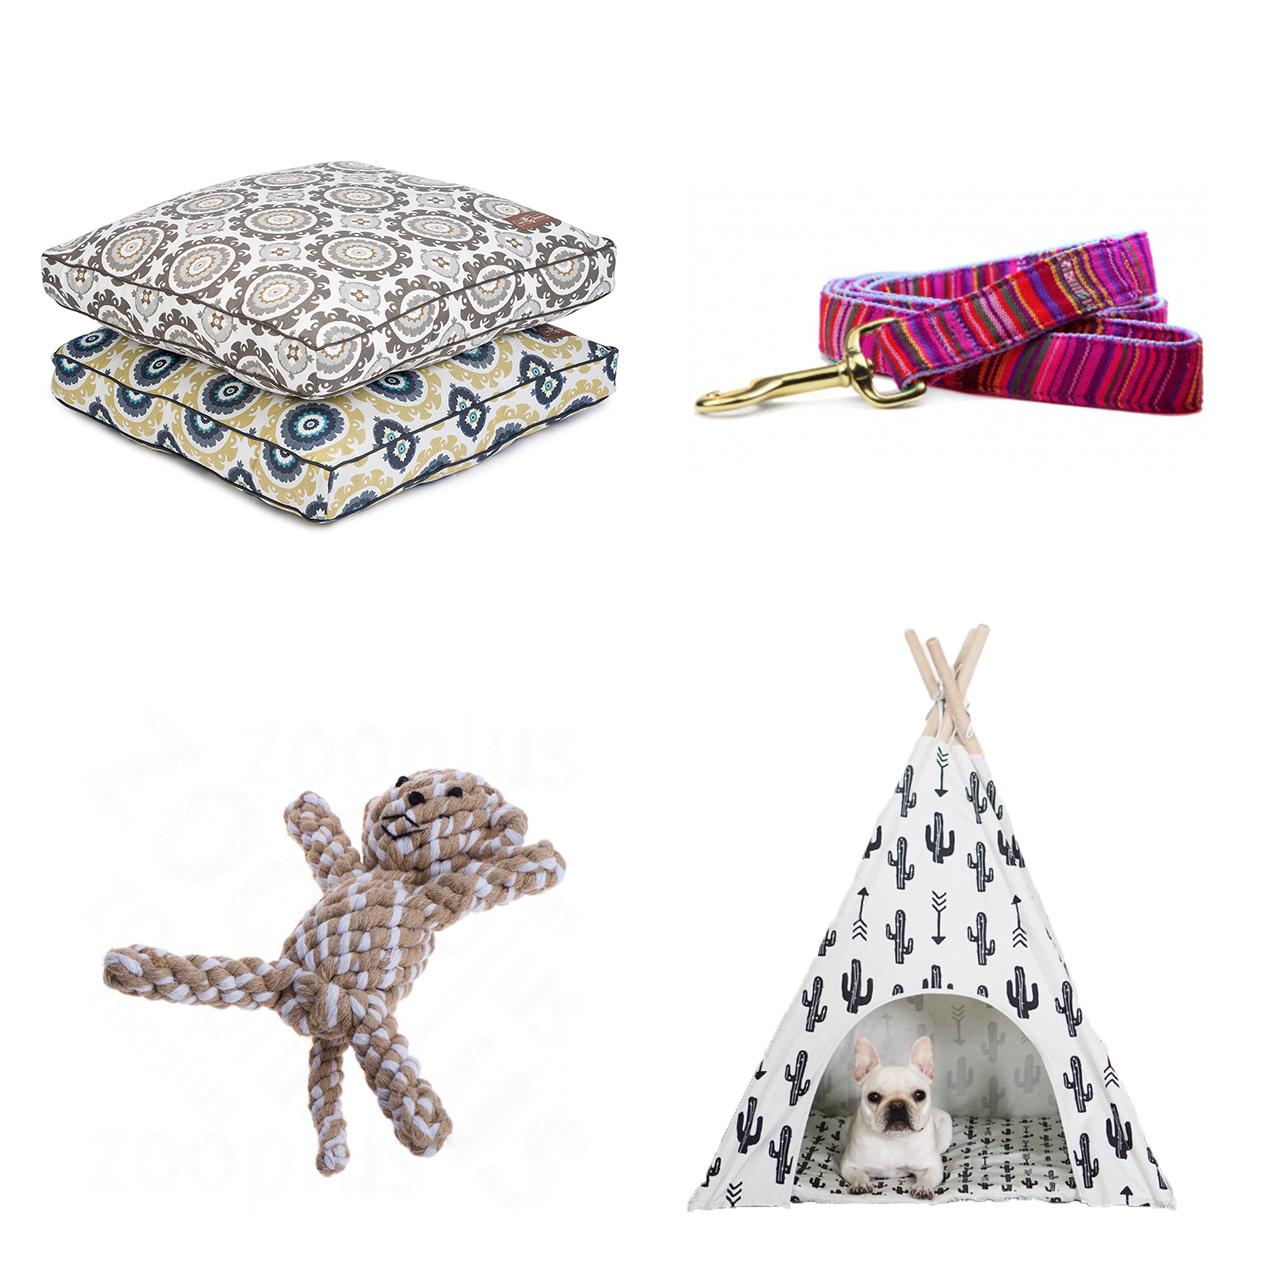 Ispirazioni di pet design | Stile Bohèmien